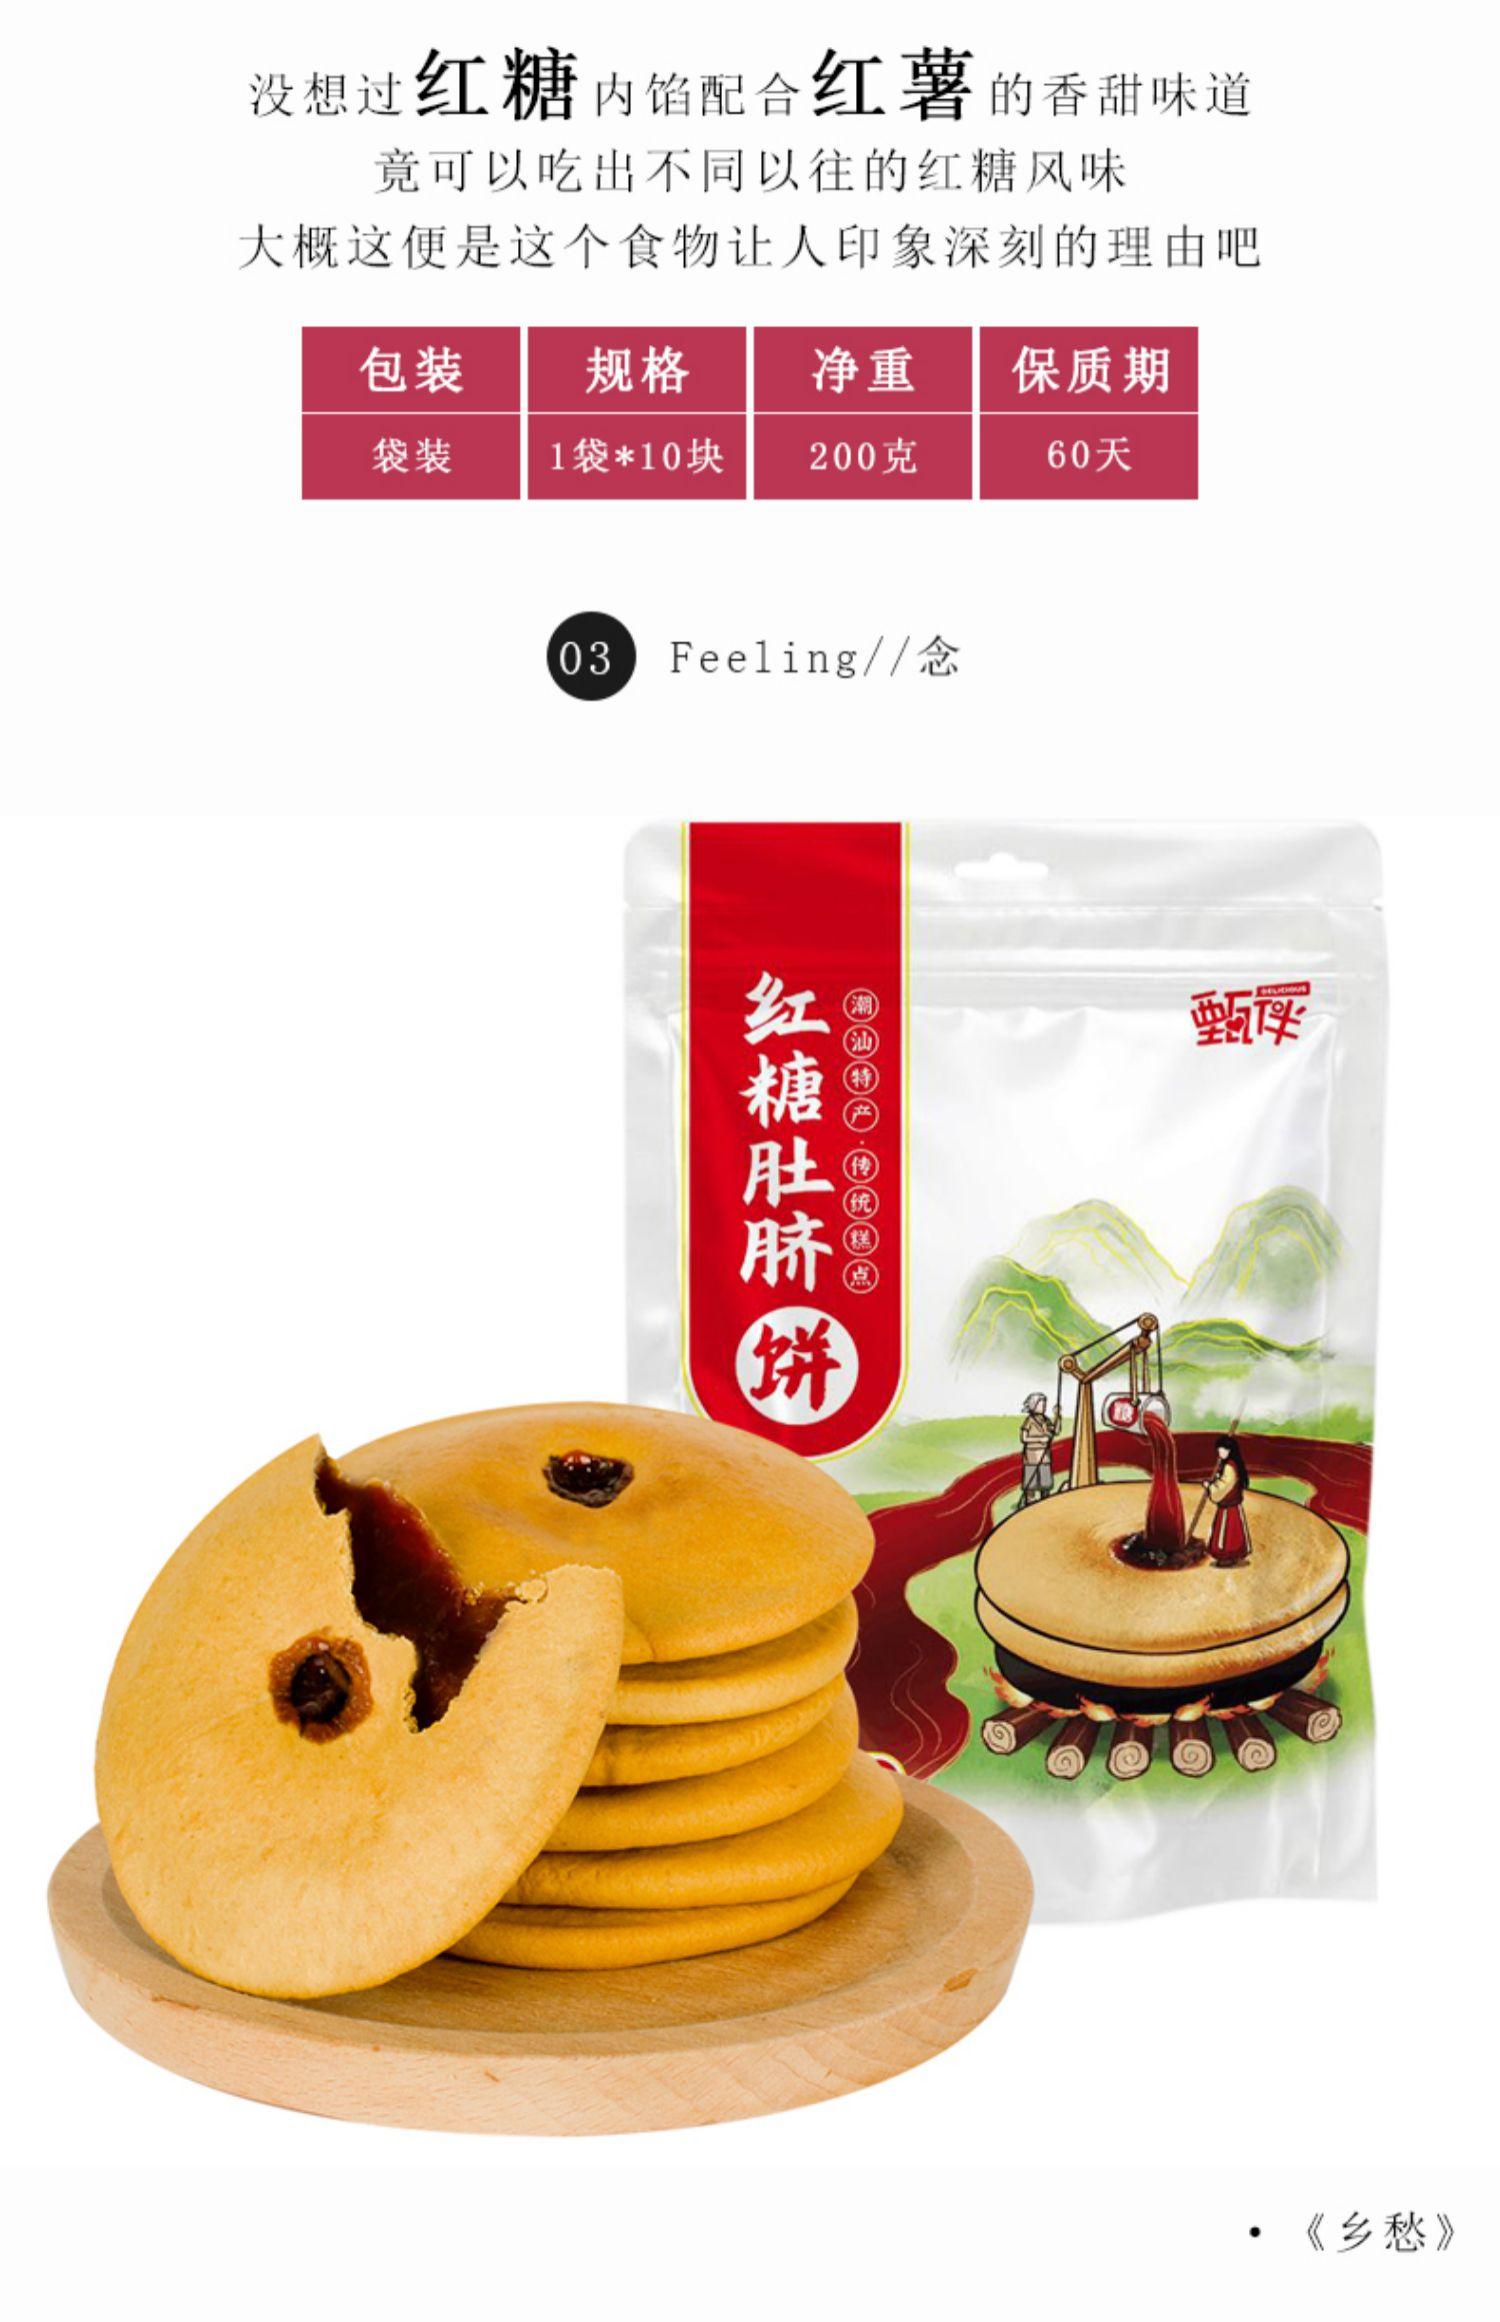 甄伴 潮汕特产网红肚脐饼200g